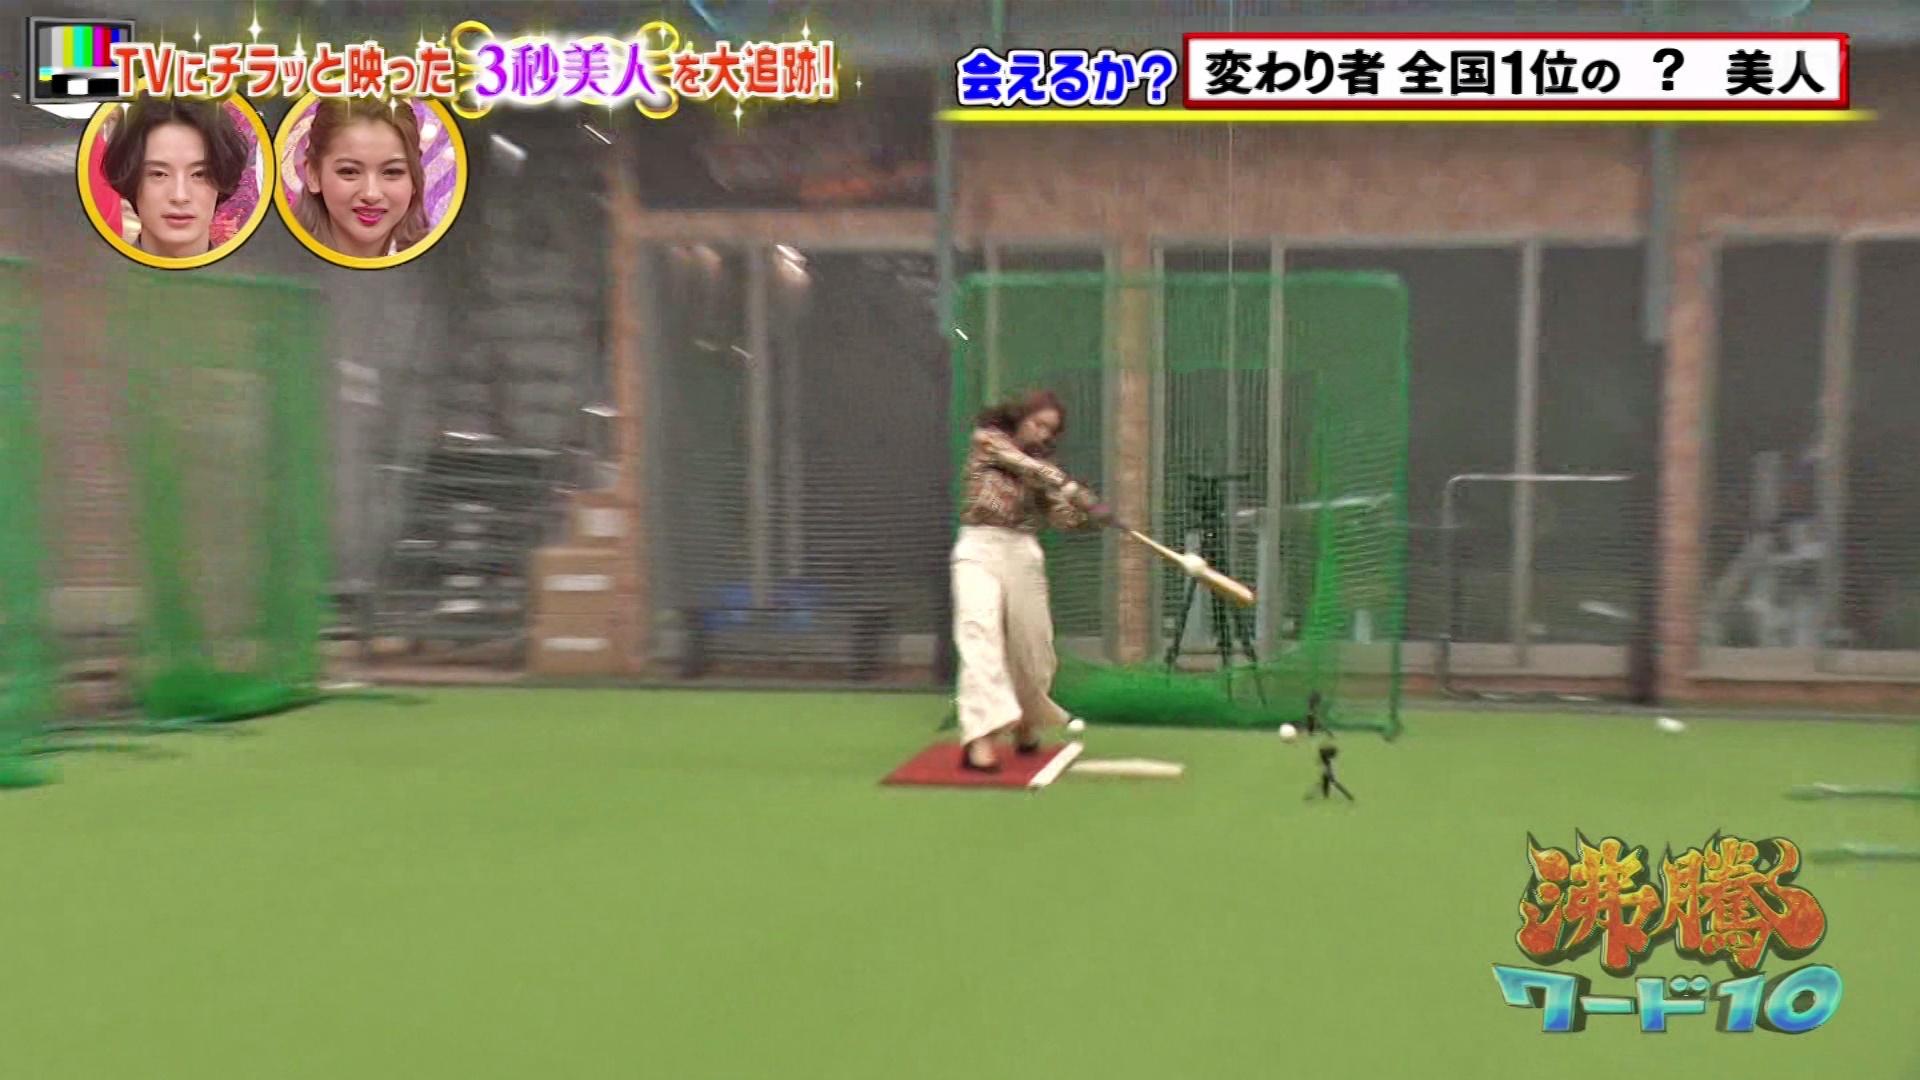 2020年1月24日に放送された「沸騰ワード10」に出演した笹川萌さんのテレビキャプチャー画像-030